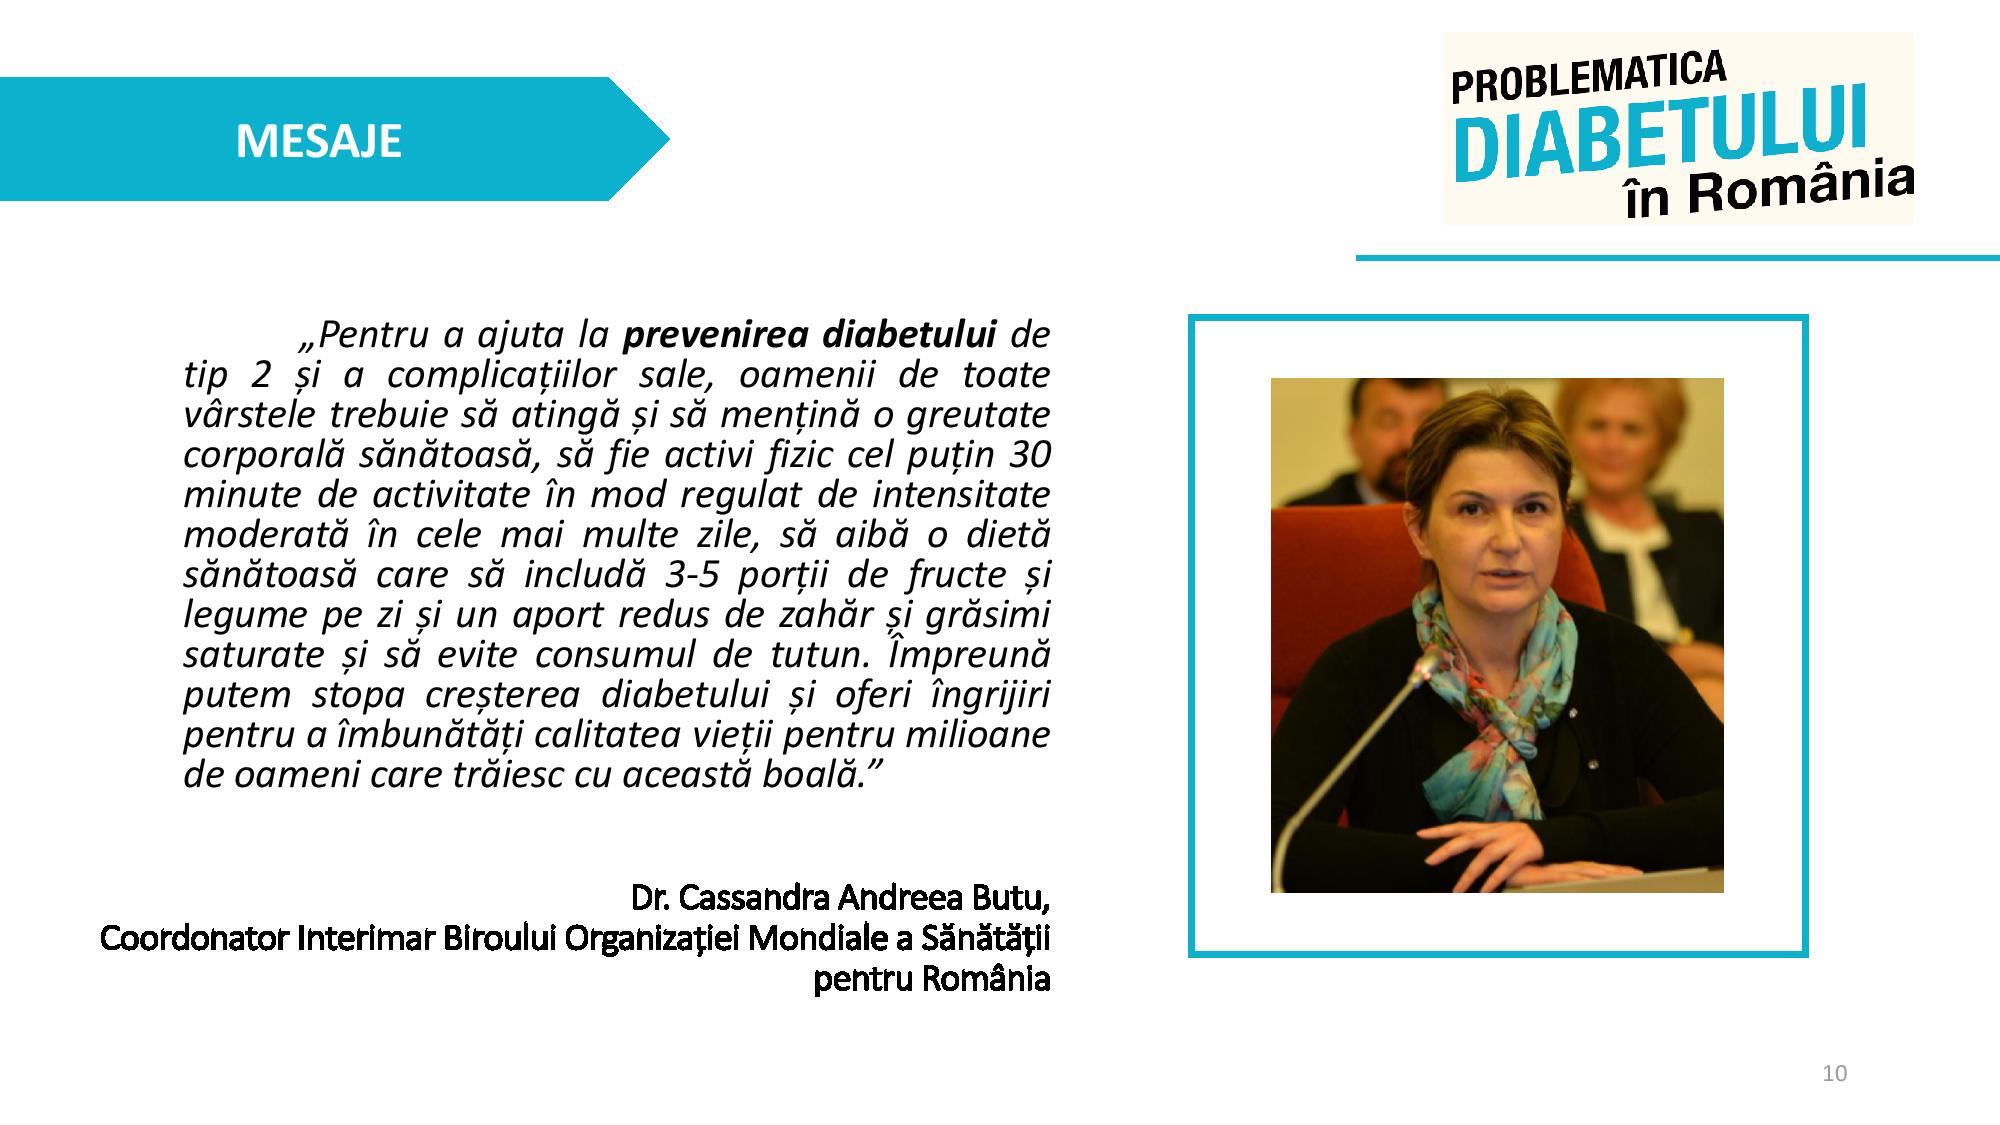 Problematica Diabetului in Romania 2016-page-010